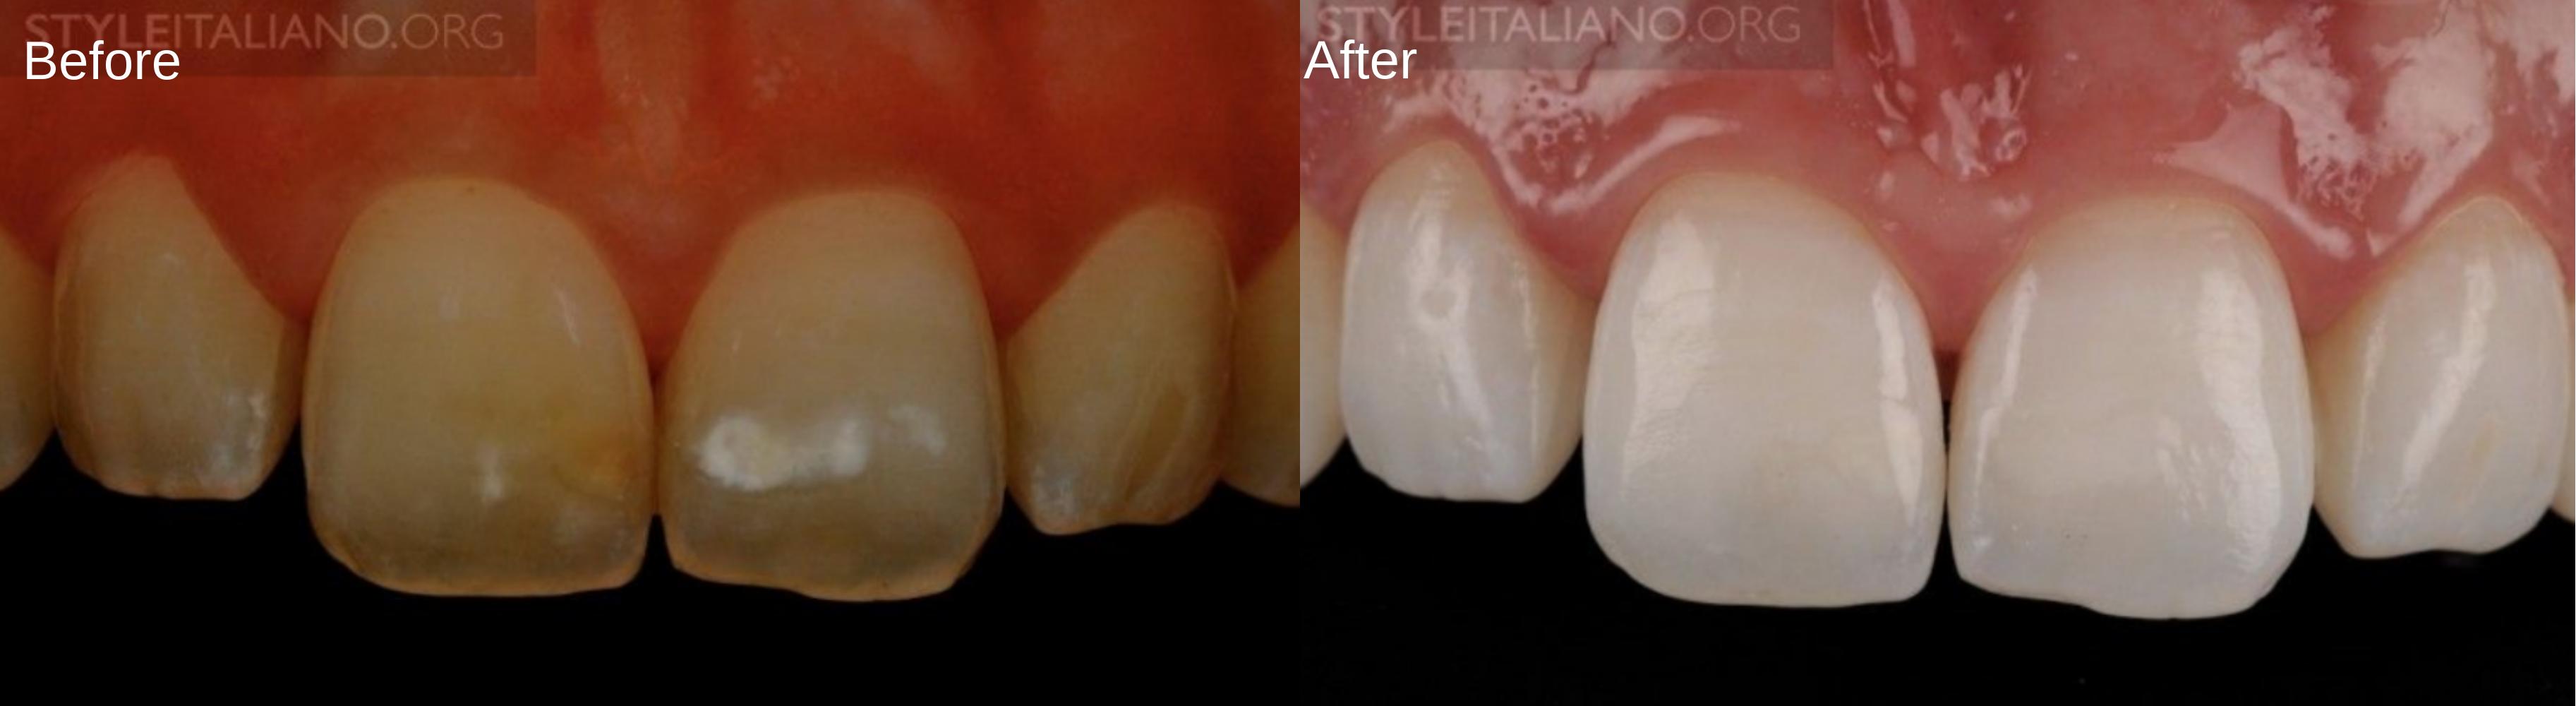 jordi man- Before & After (2)